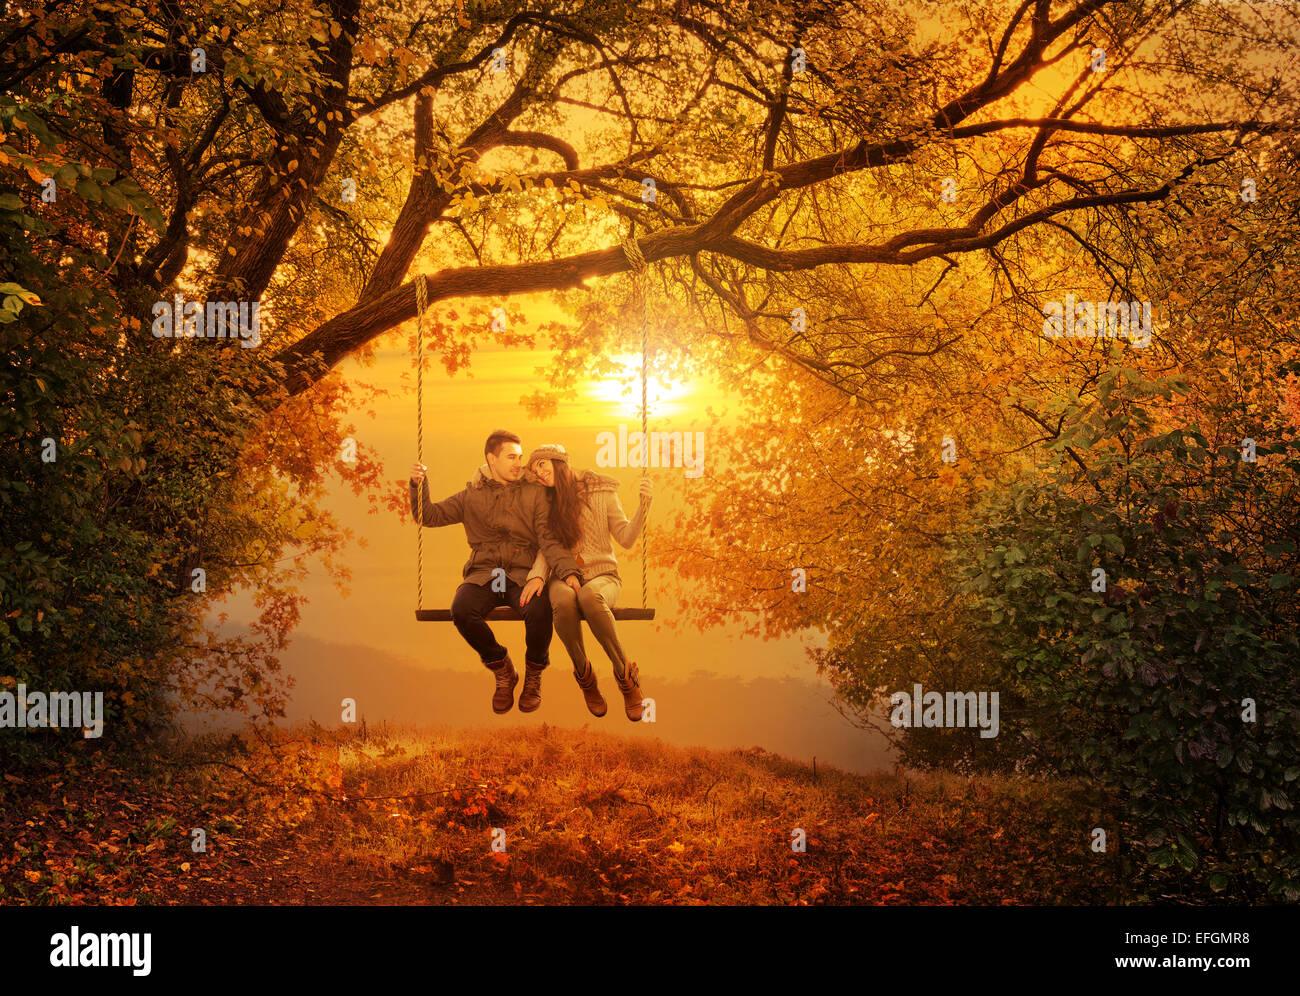 Coppia romantica swing in autunno park Immagini Stock